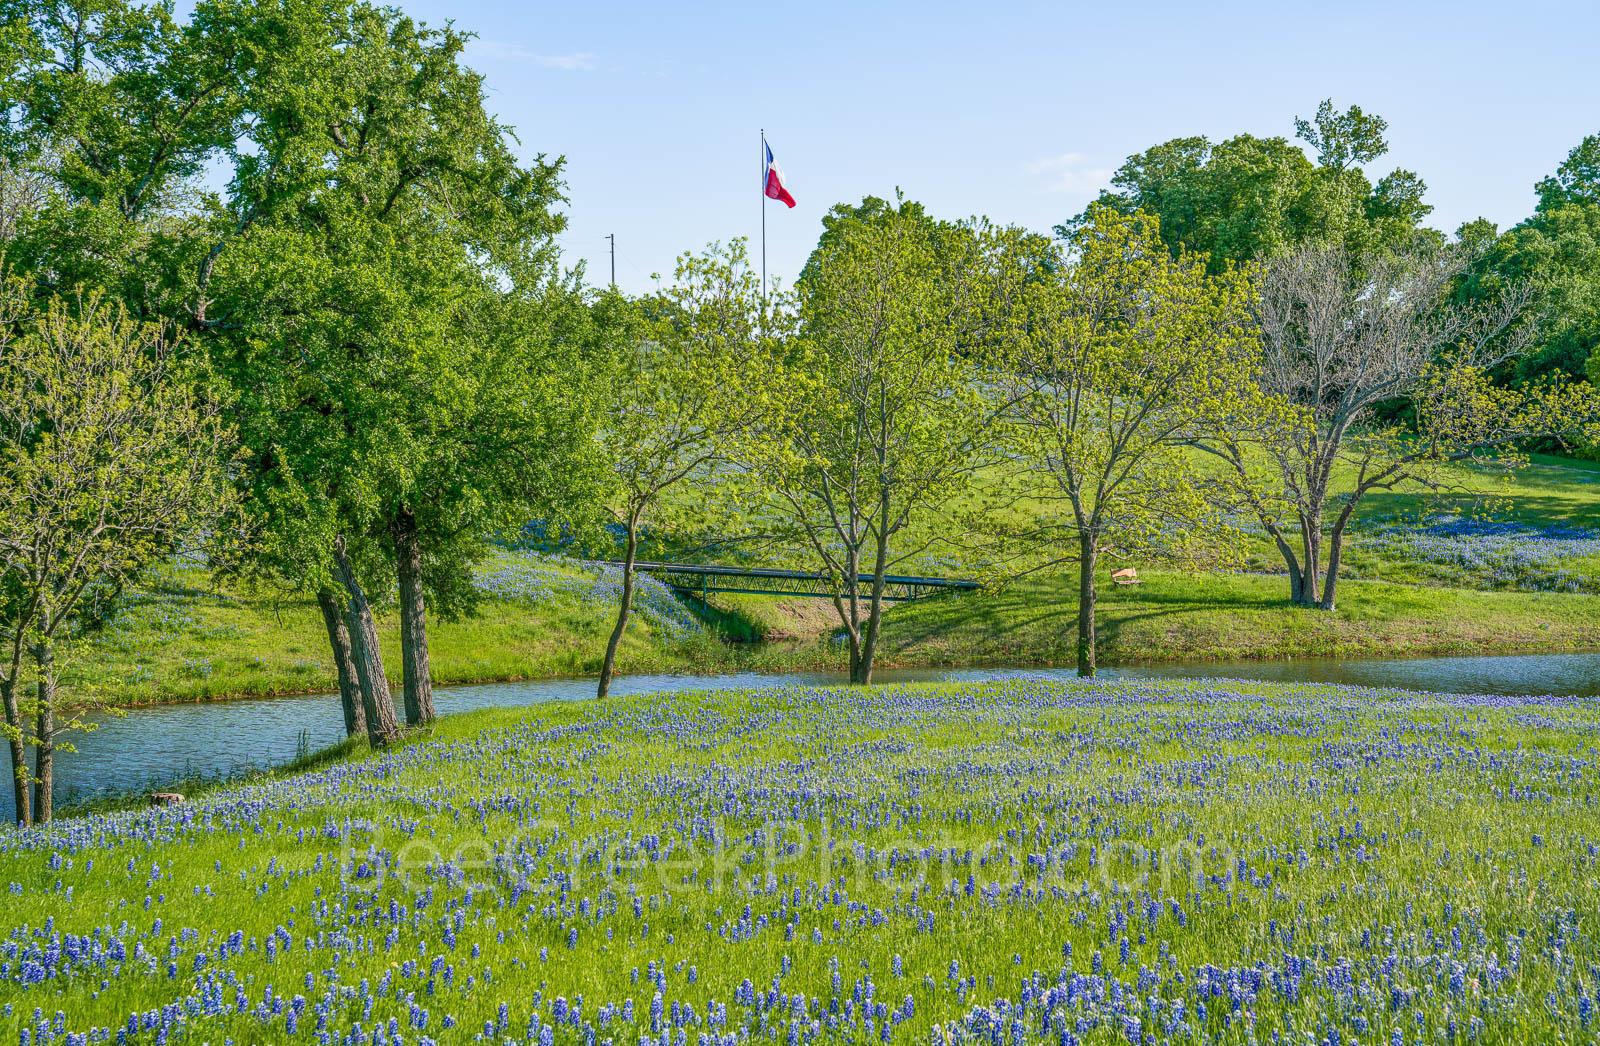 Ennis, Texas bluebonnet landscape, bluebonnets, landscape, texas, wildflowers, blue sky, creek, Texas flag,, photo